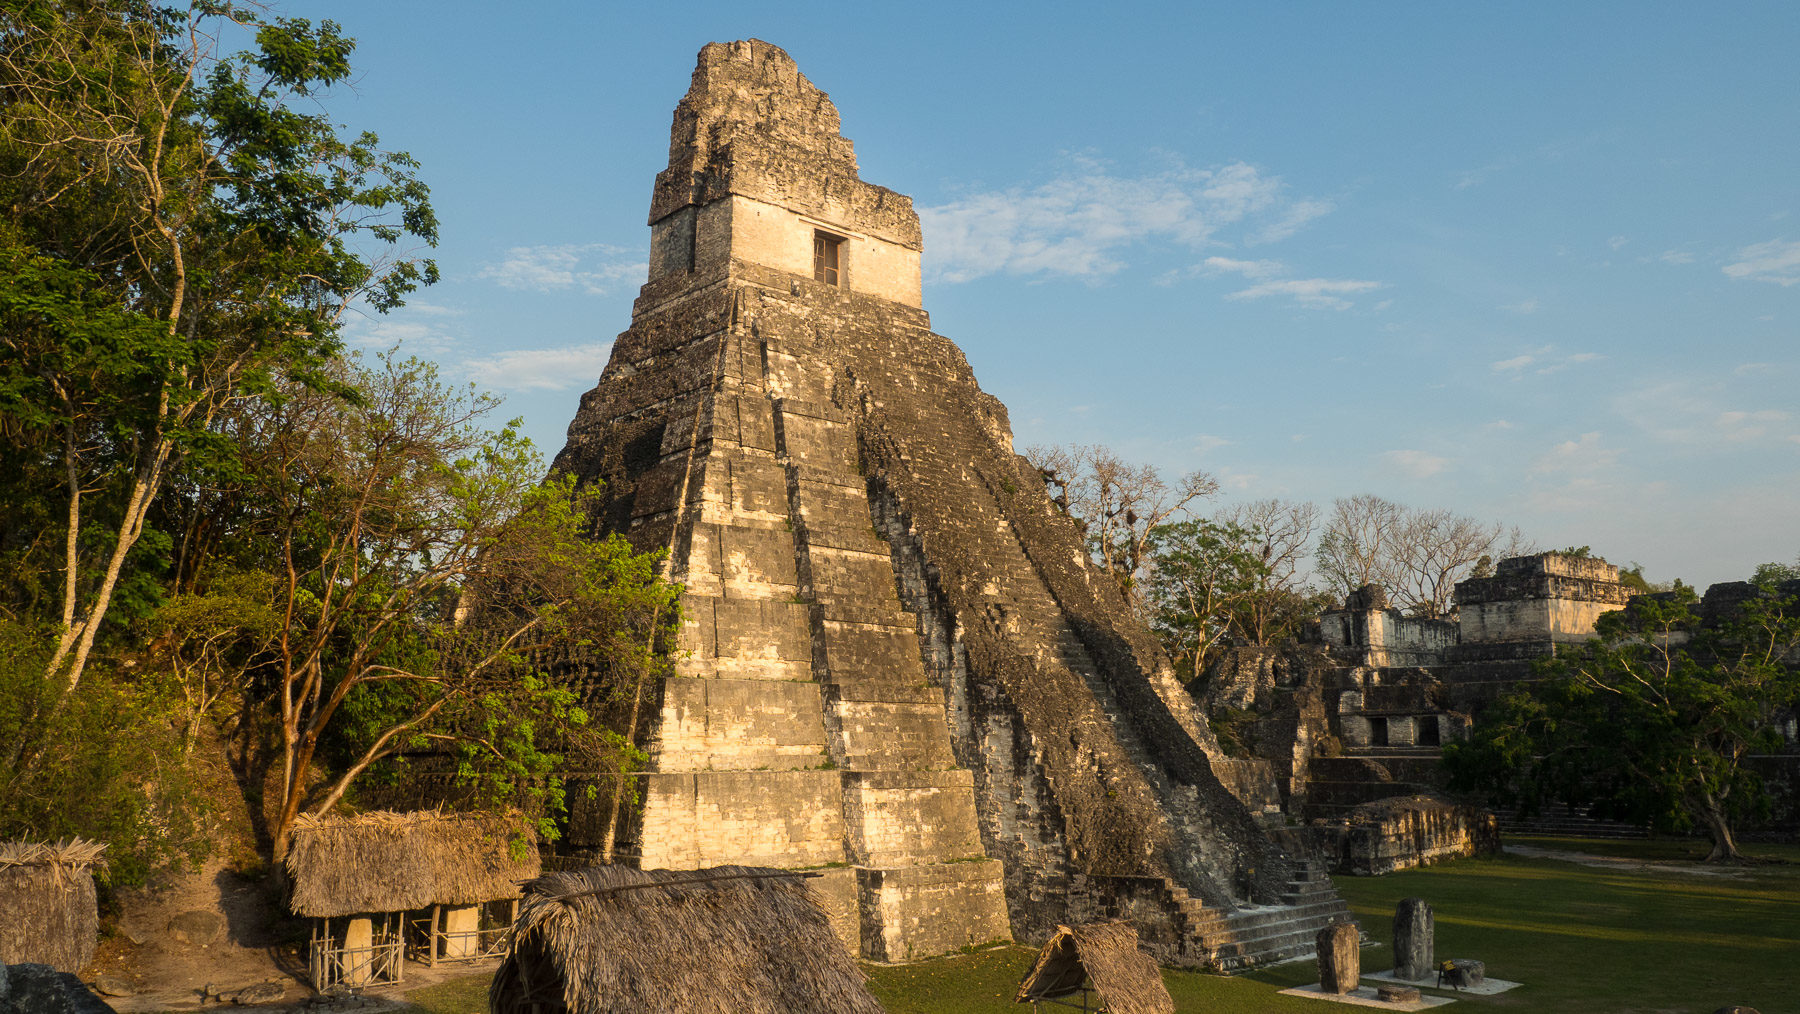 Grabmal in Tikal, auf dem Thron saß ursprünglich eine Statue